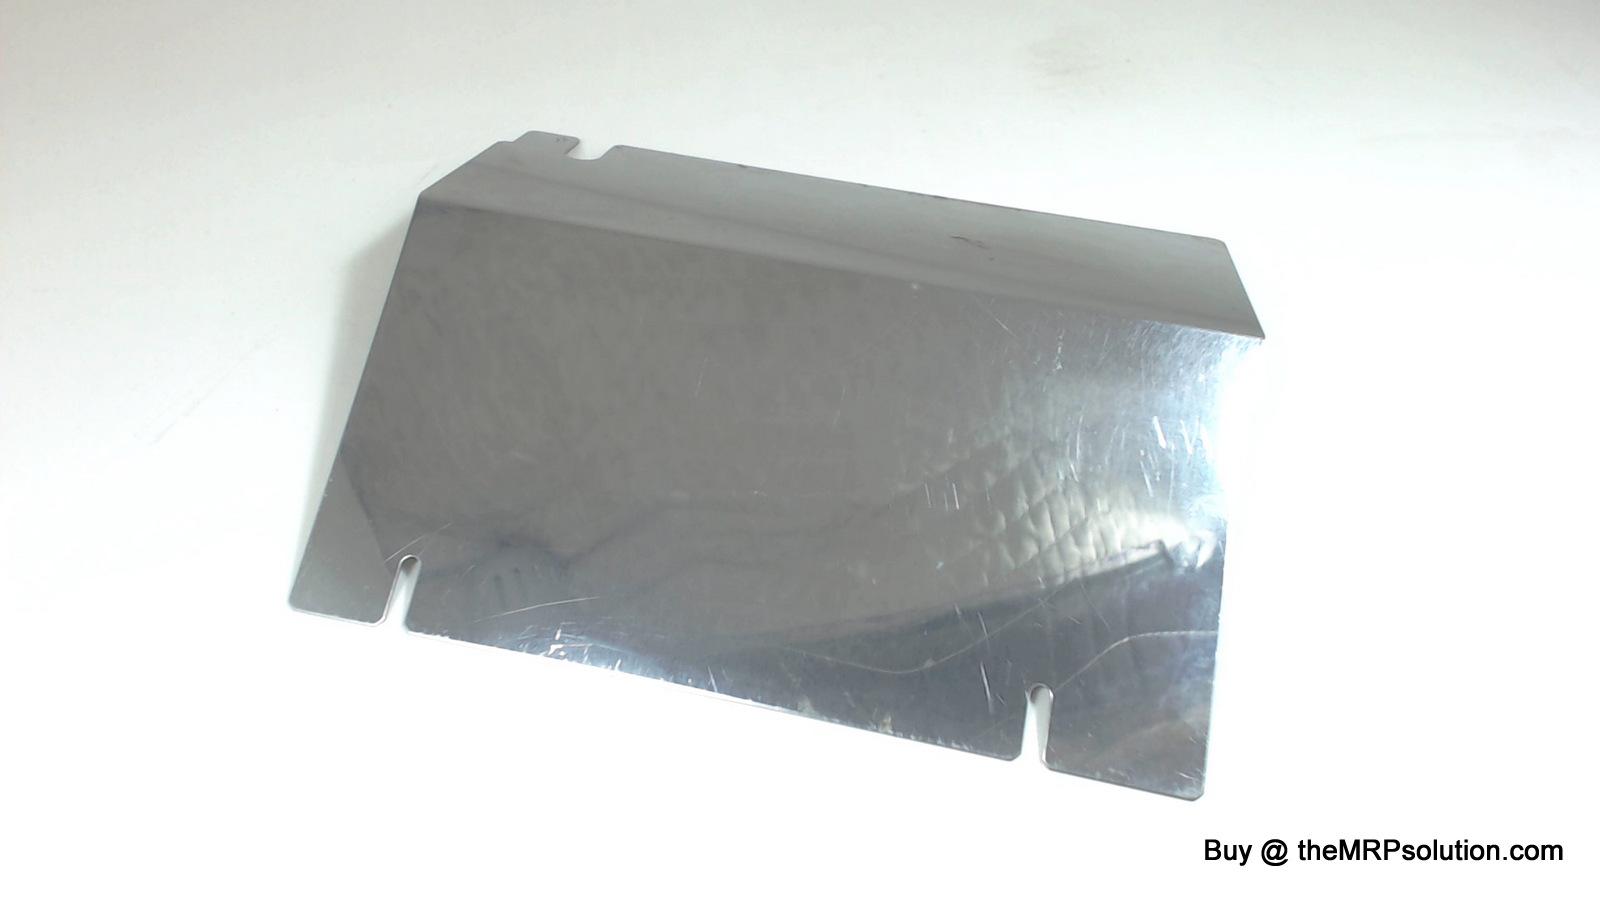 ZEBRA 32342 FRONT BRACKET, 105SL New